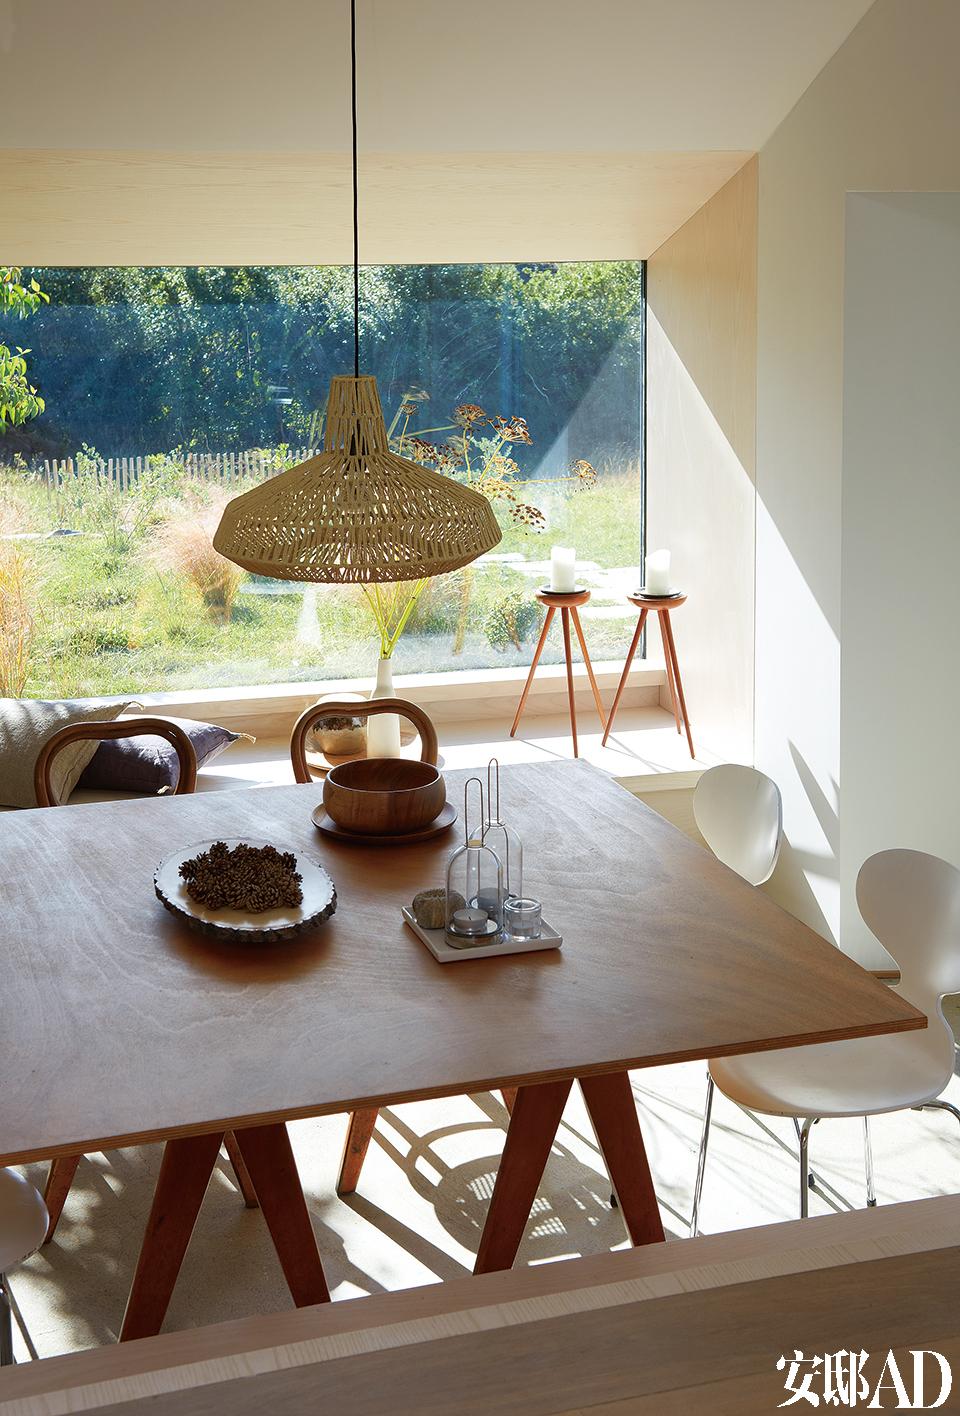 大面积玻璃窗让老屋顿时透亮了许多,宽大的浅色窗台更像是为户外美景定制而成的画框。餐厅的地面采用了裸露的混凝土材质,餐桌由拍卖会买到的老支架和一张简单的胶合板组成,桌上是斯堪的纳维亚风格的木盘,蜡烛台来自Eva Solo。Arne Jacobsen 设计的Ant椅(Fritz Hansen出品)和风行150多年的Thonet椅组成了餐椅,编织吊灯来自Habitat。